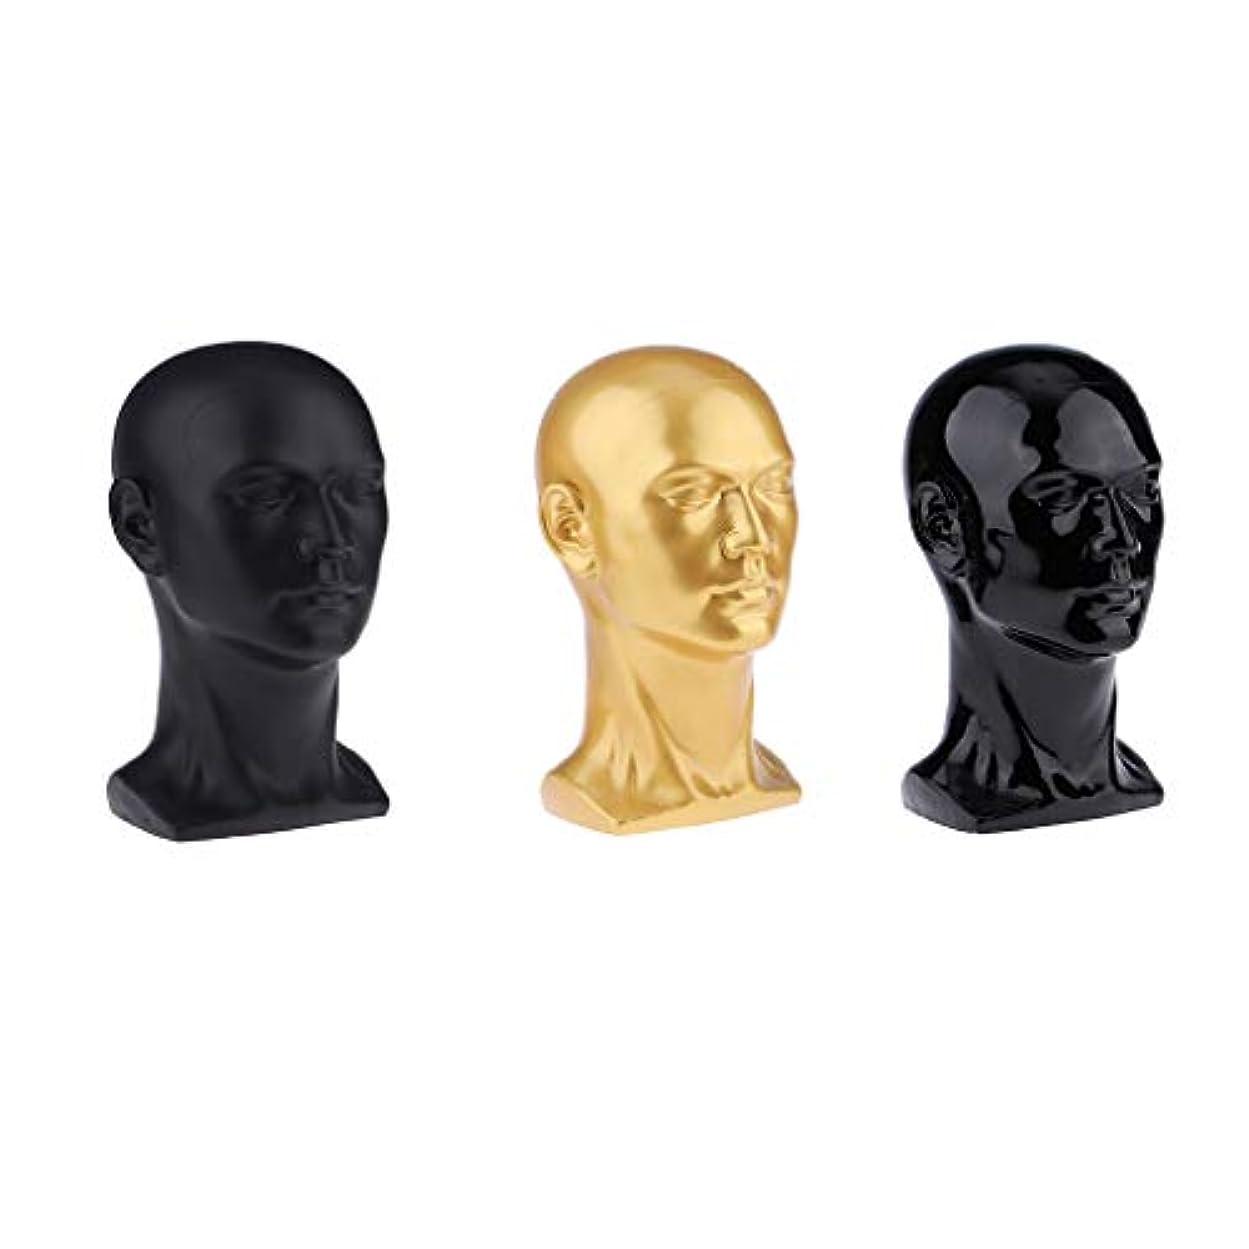 ボックス誰でも採用するCUTICATE 男性ヘッドモデル プラスチック メガネ ヘッド かつらディスプレイ スタンド ホルダー 装飾